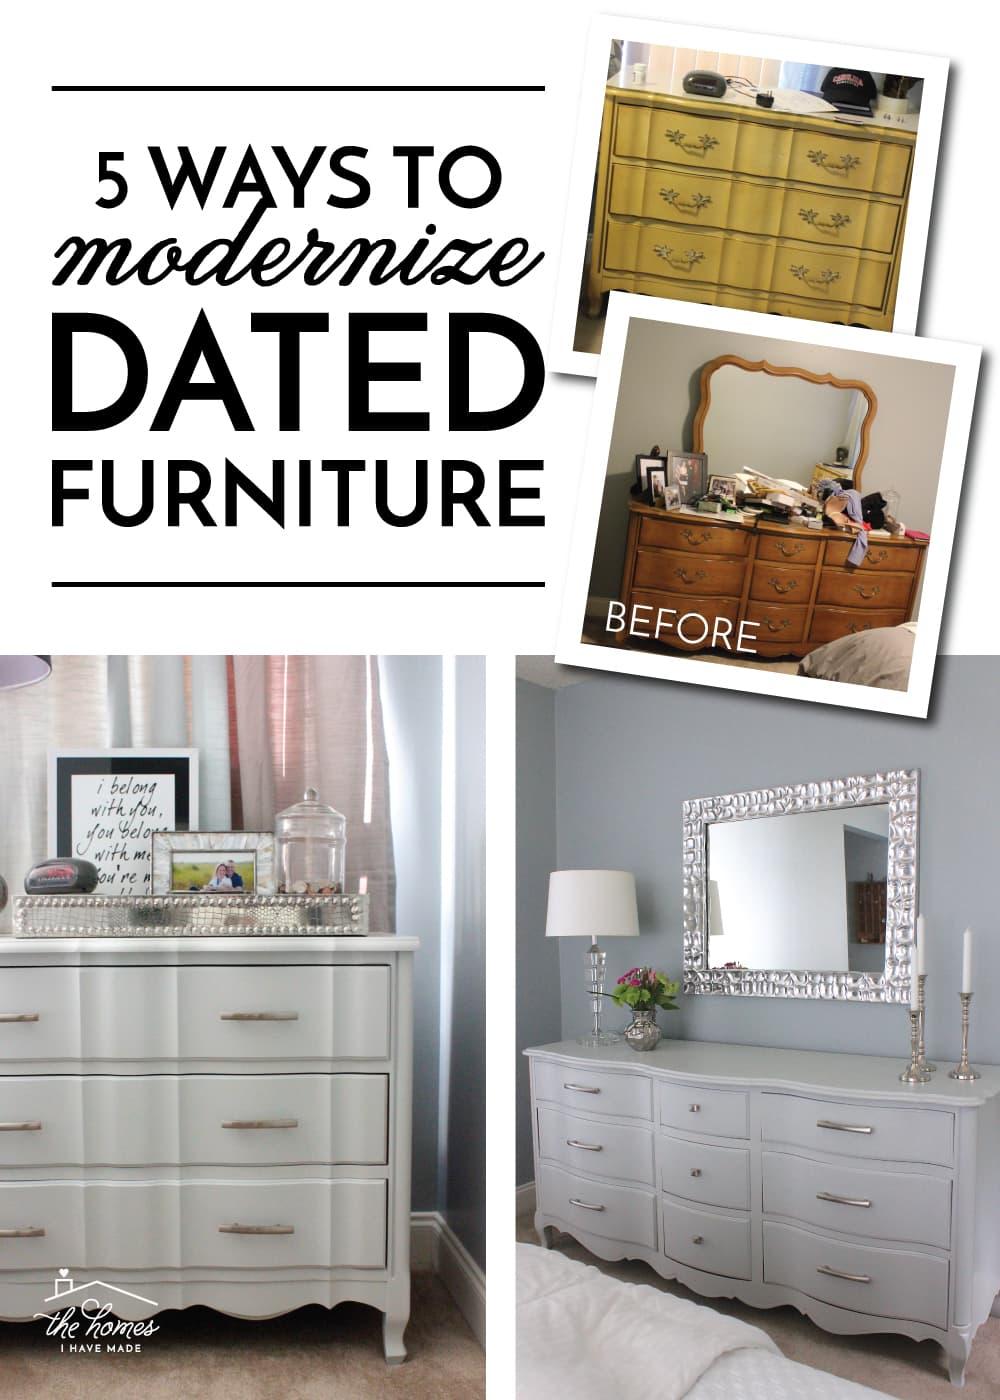 Modernize Dated Furniture